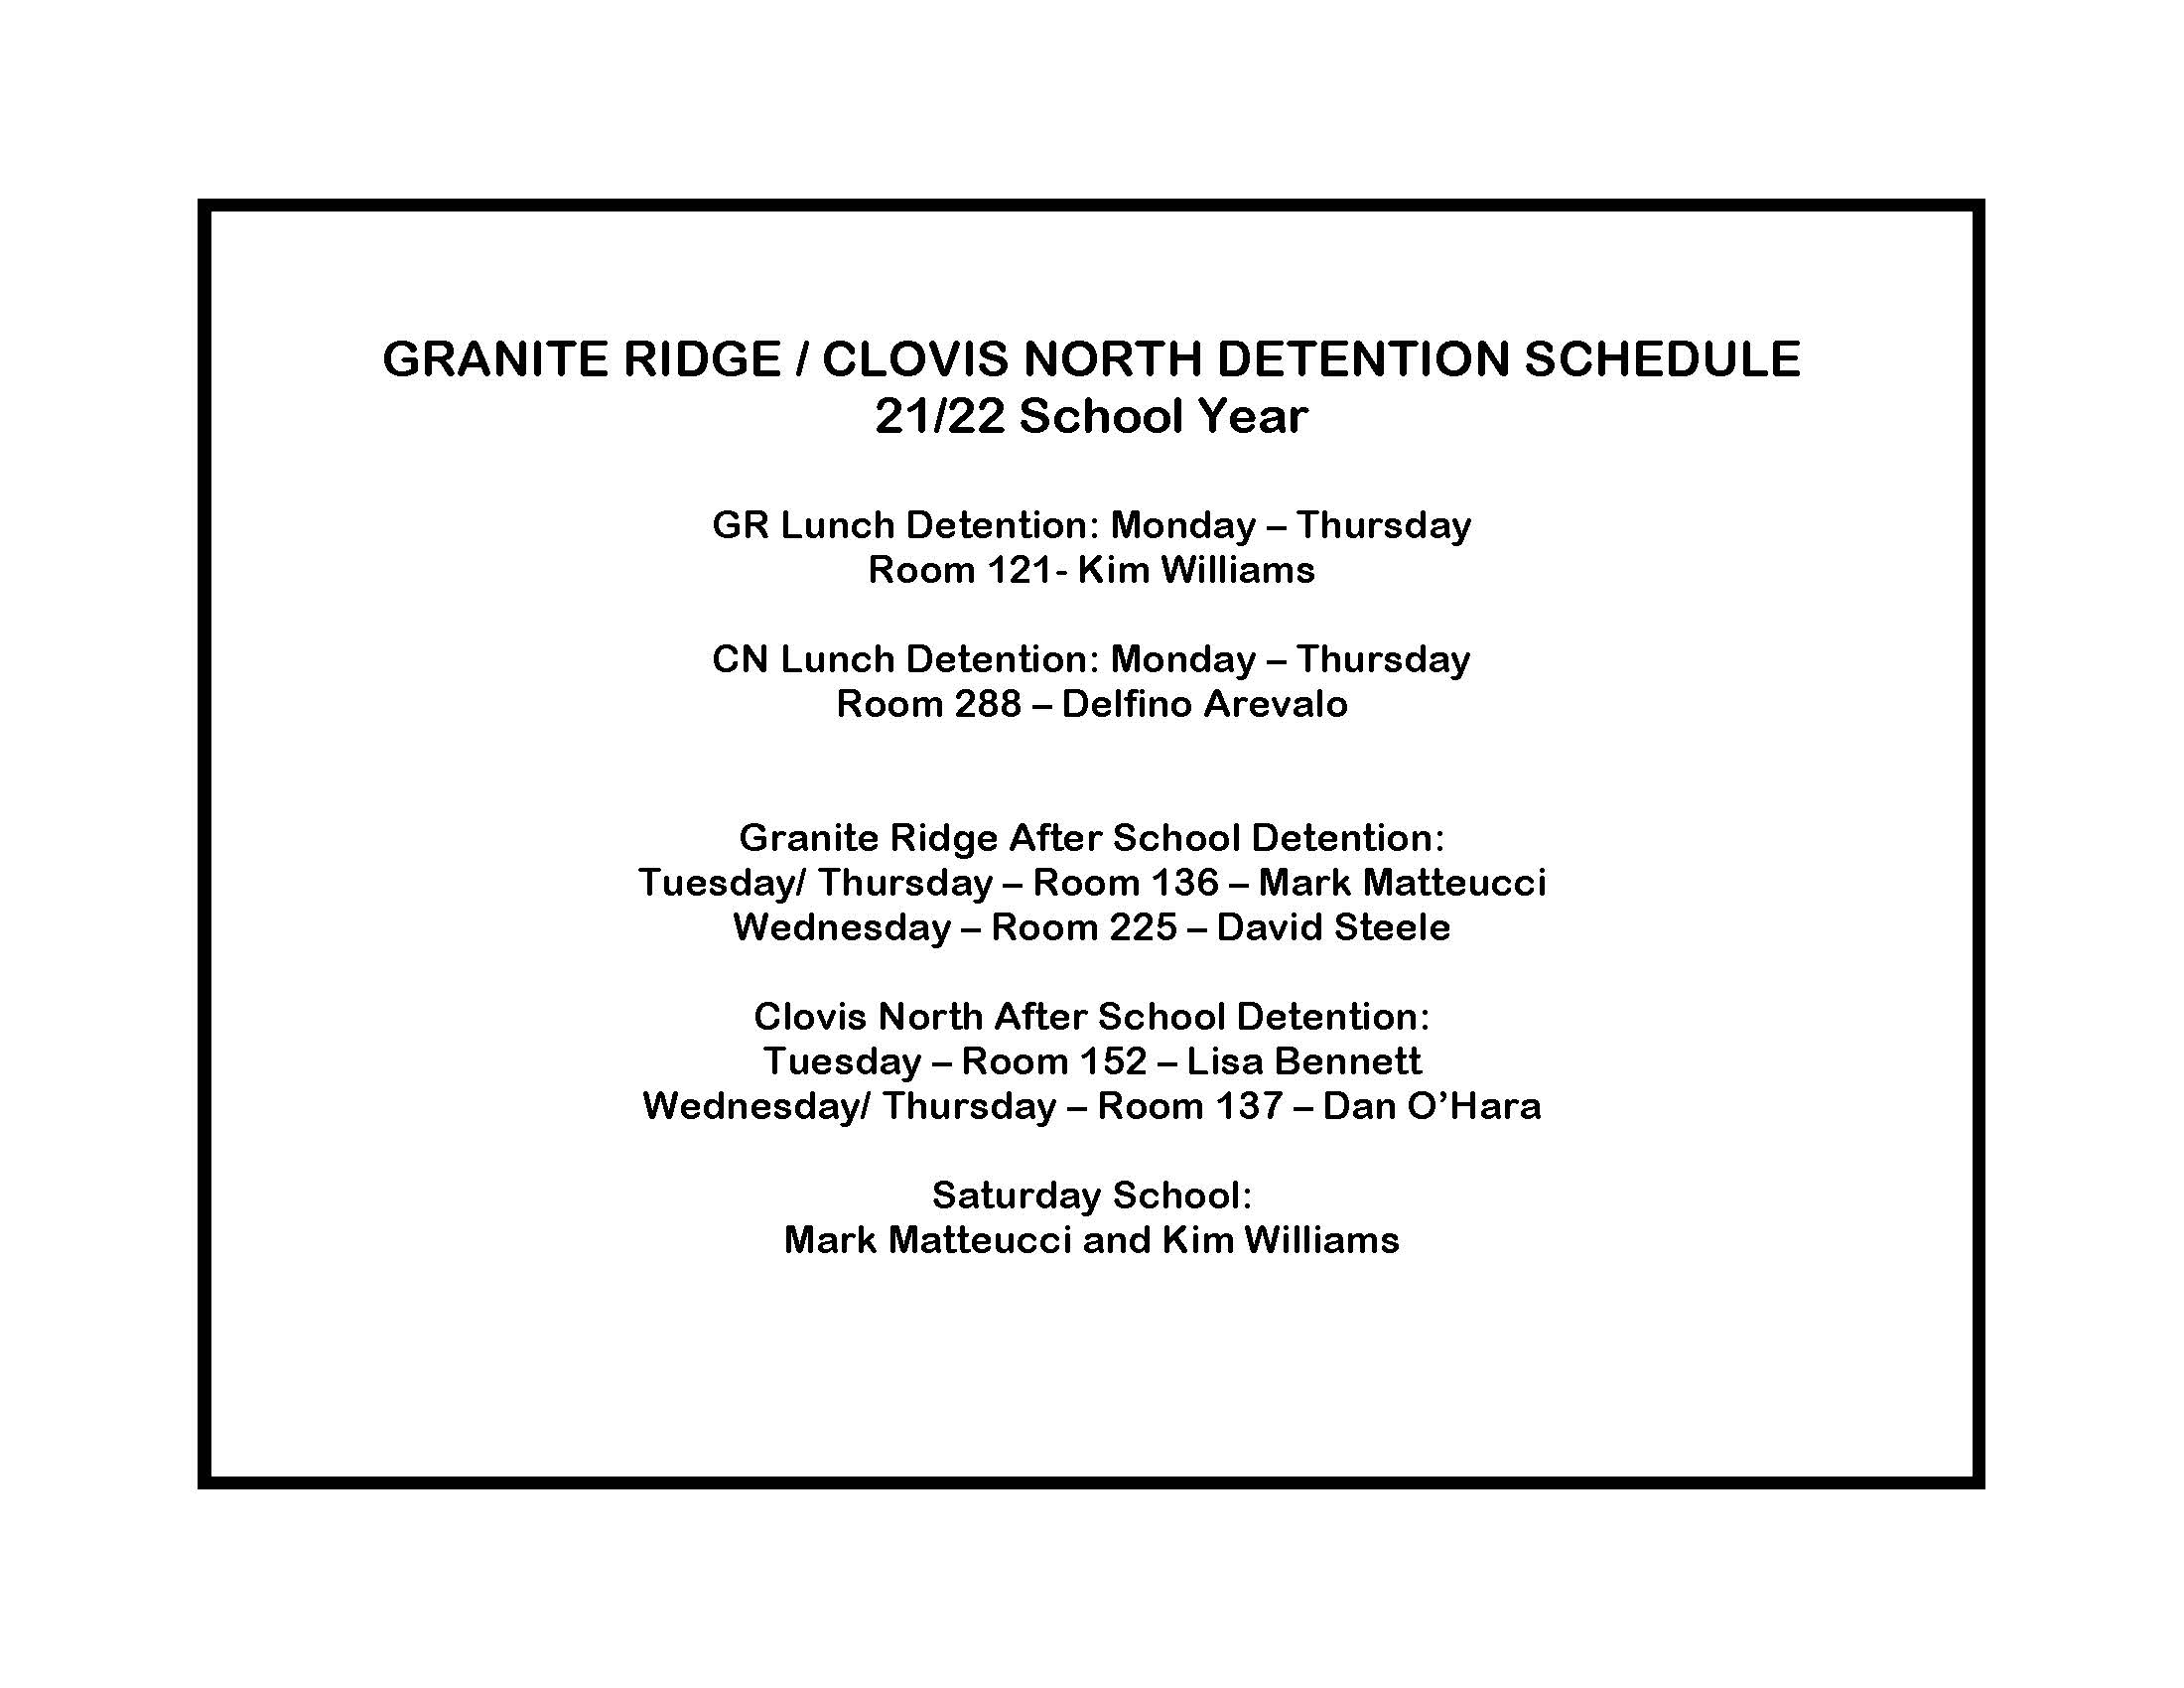 2021/22 Detention schedule